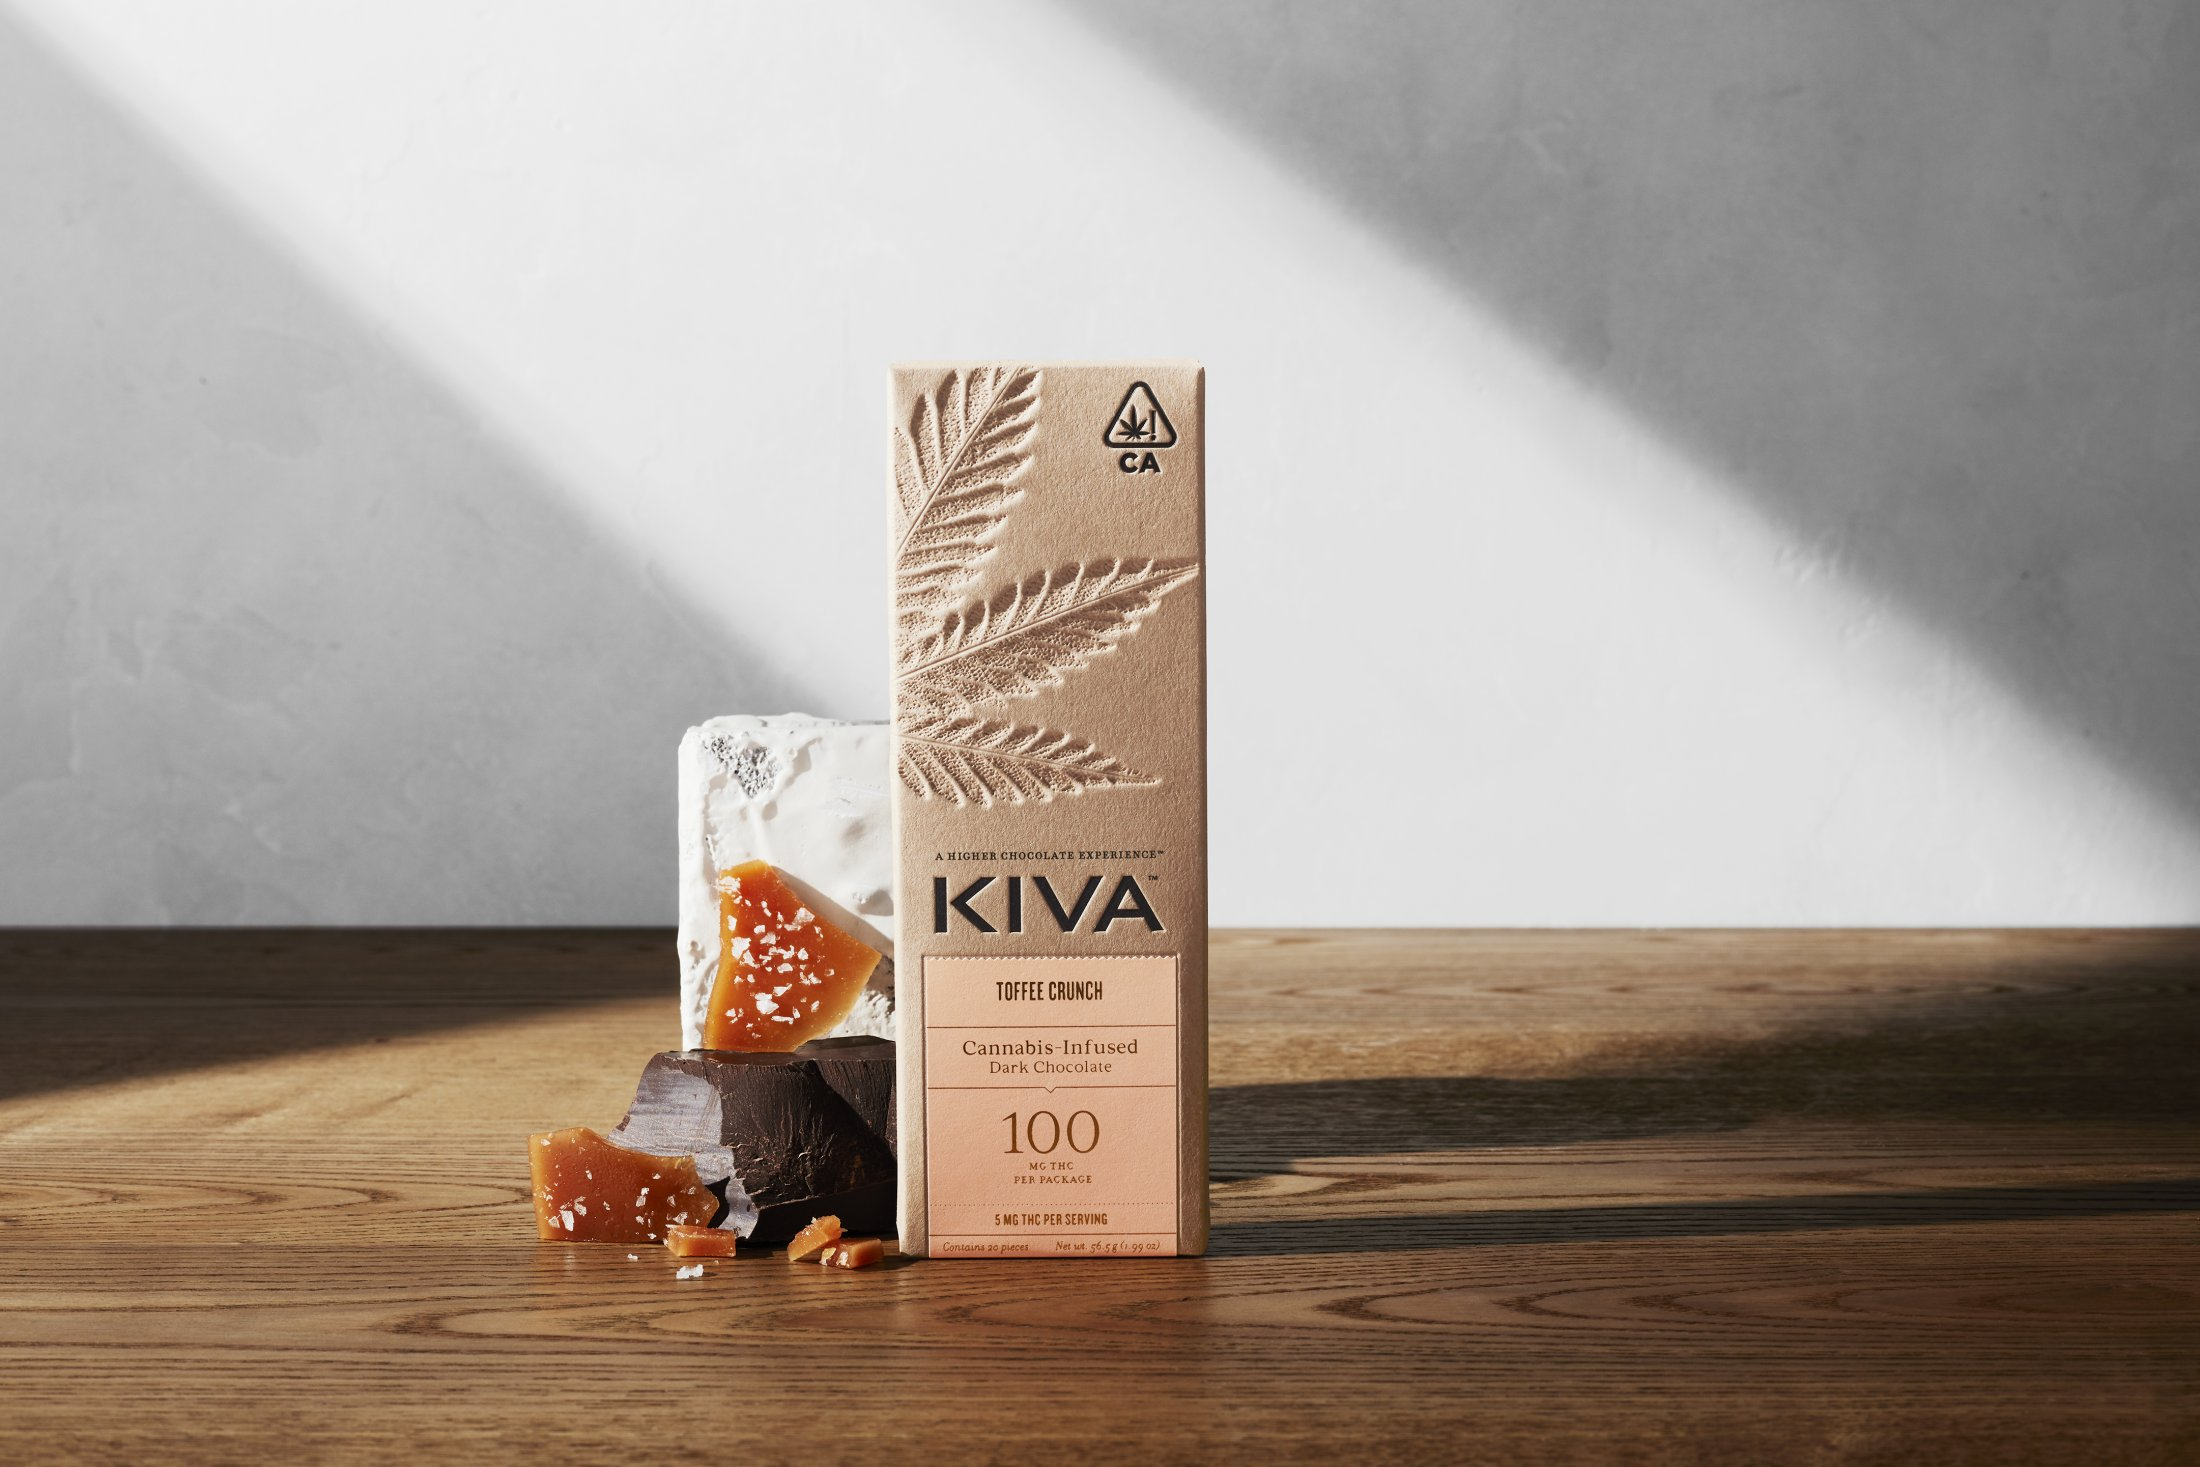 Kiva Bar: Raising The Bar